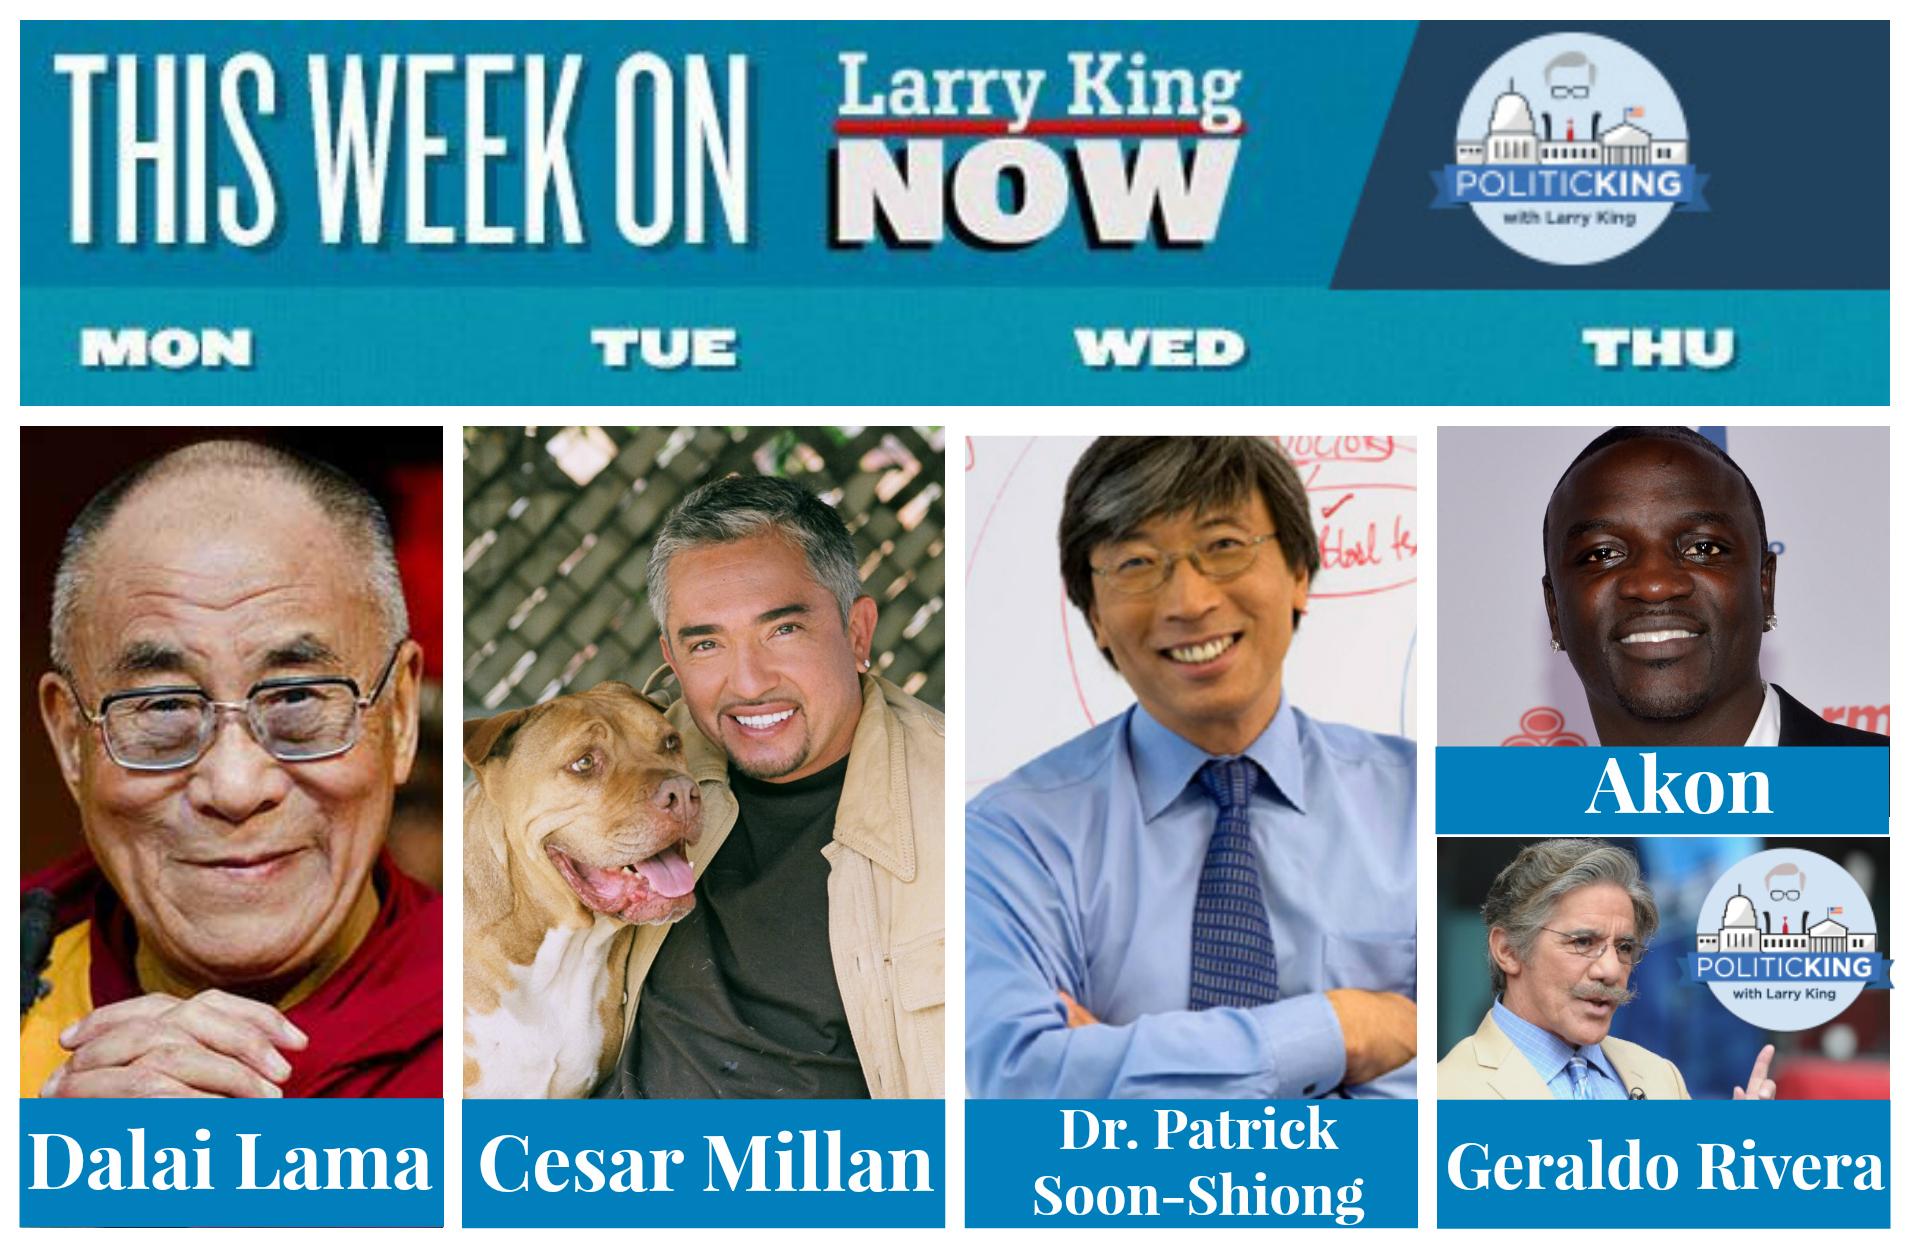 This Week on Larry King Now & PoliticKING - Dalai Lama, Cesar Millan, Dr. Patrick Soon-Shiong, Akon, Geraldo Rivera